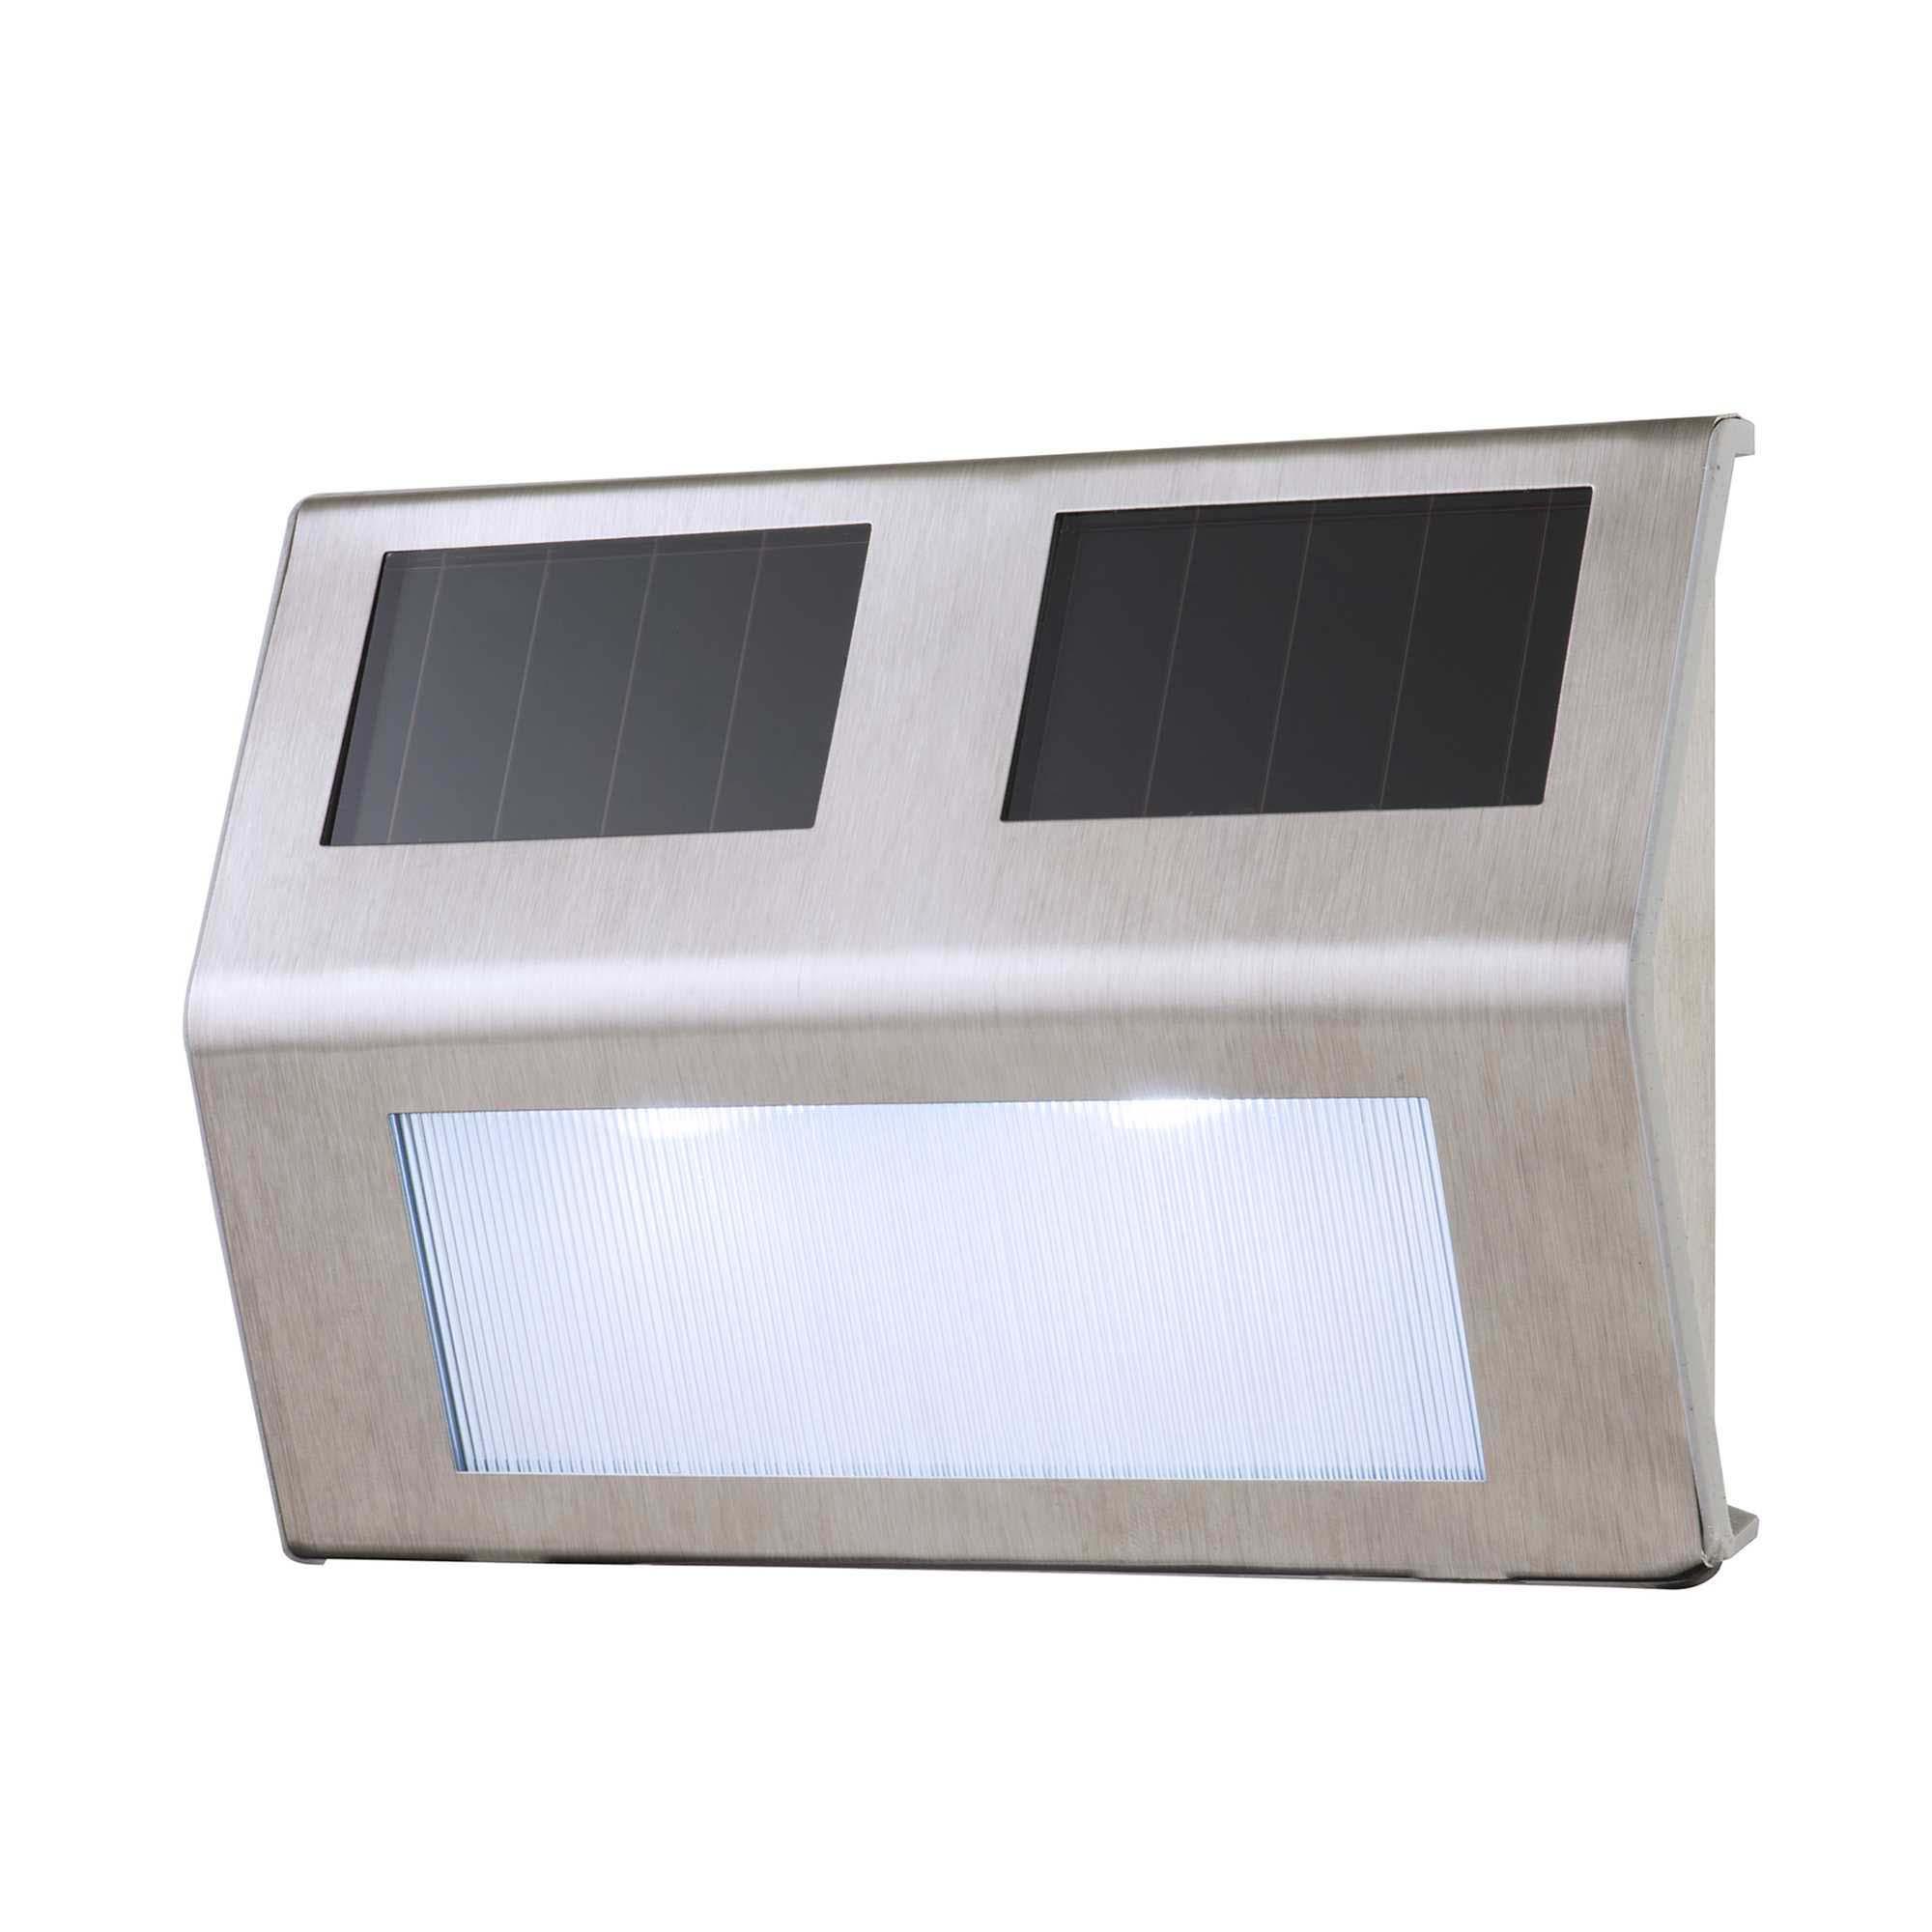 Ordos solar garden step light - 2 pack